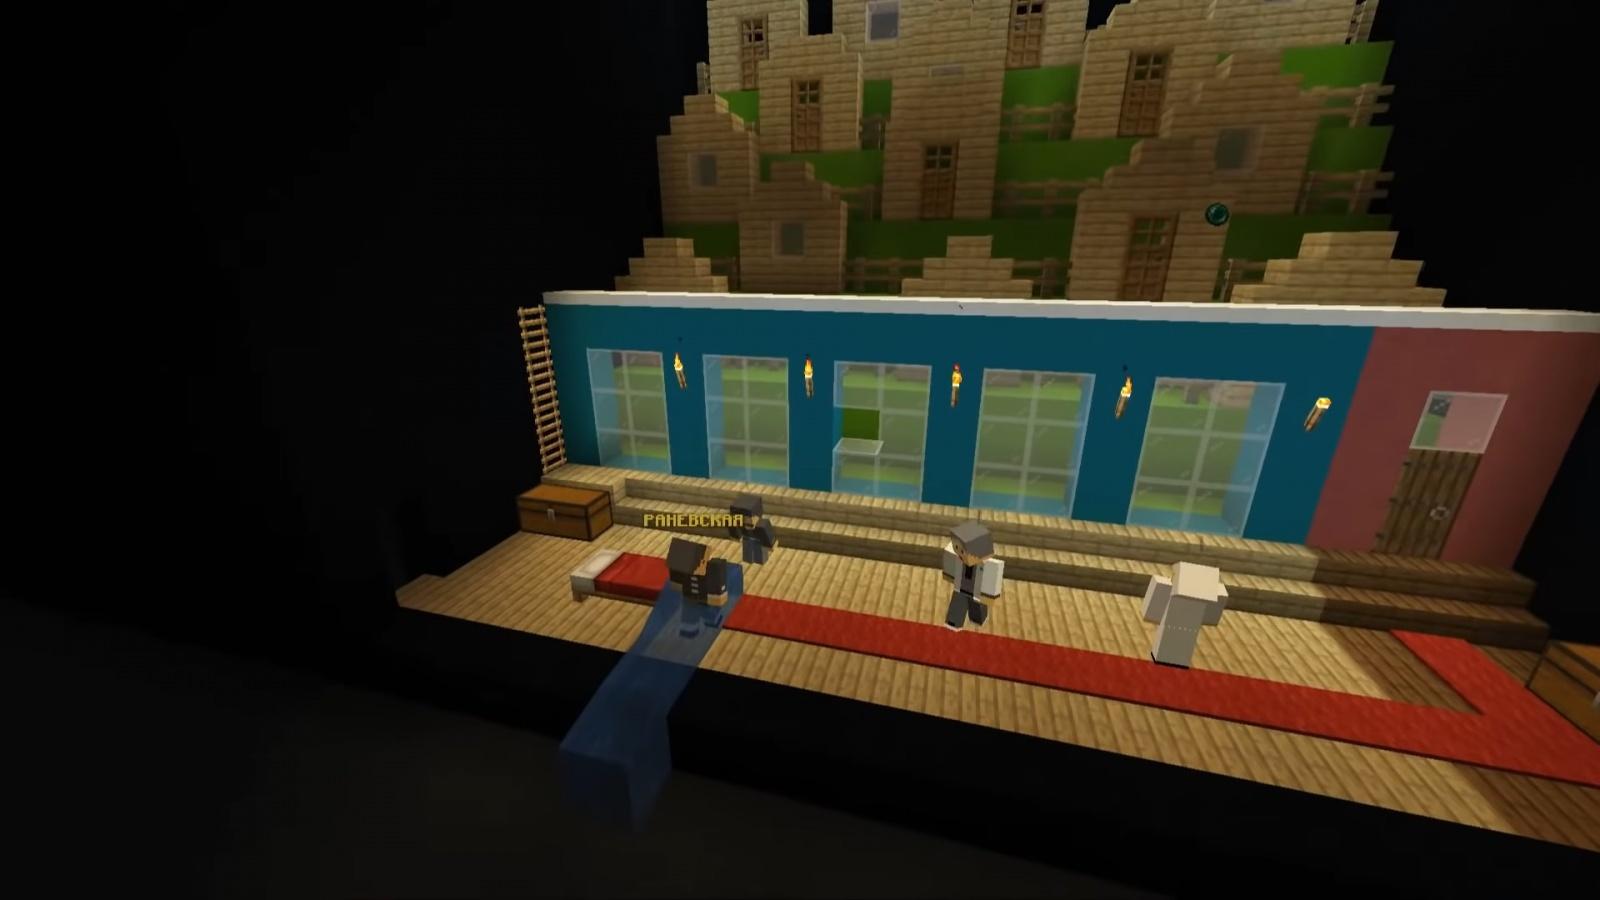 Реальный спектакль в виртуальной среде: Большой драматический театр открыл филиал в Minecraft - 4